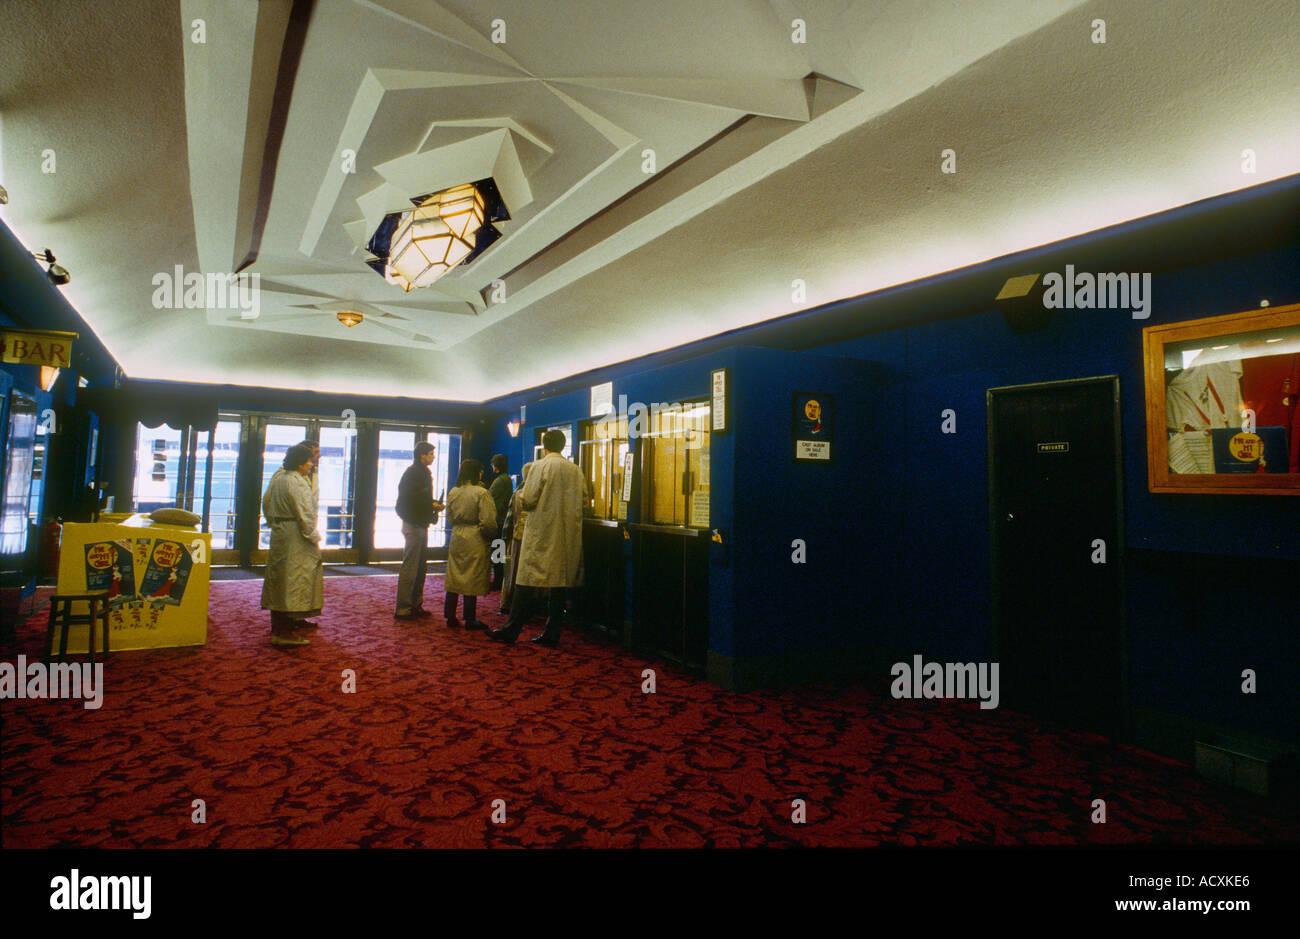 Art For Foyer : Art deco ornate ceiling foyer entrance of adelphi theatre london